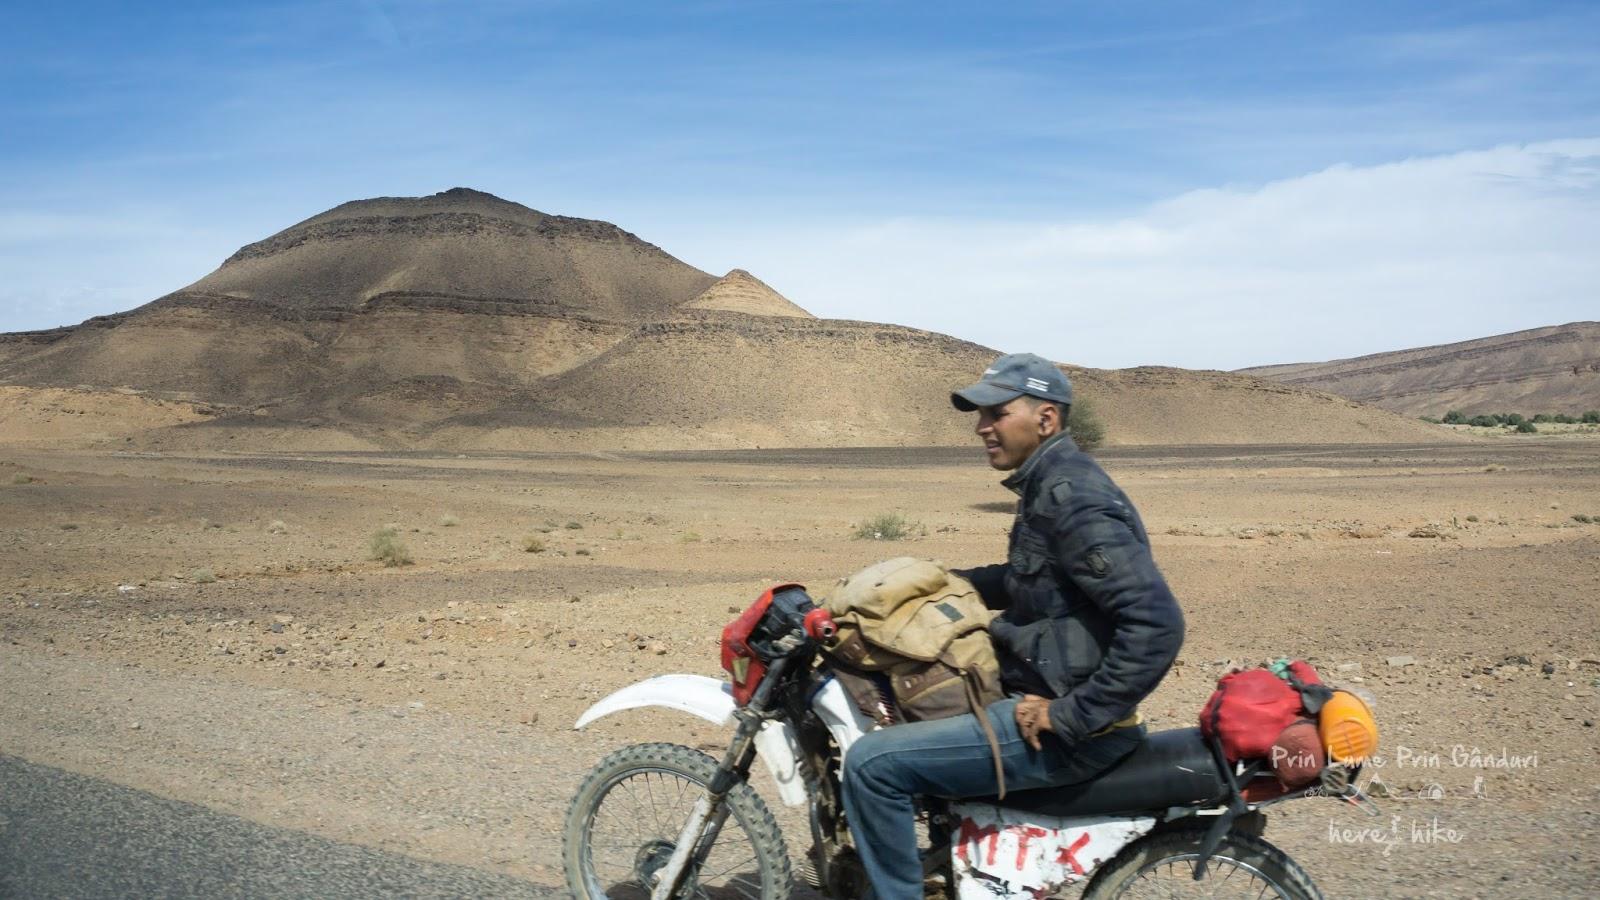 Intalnirea omului marocan